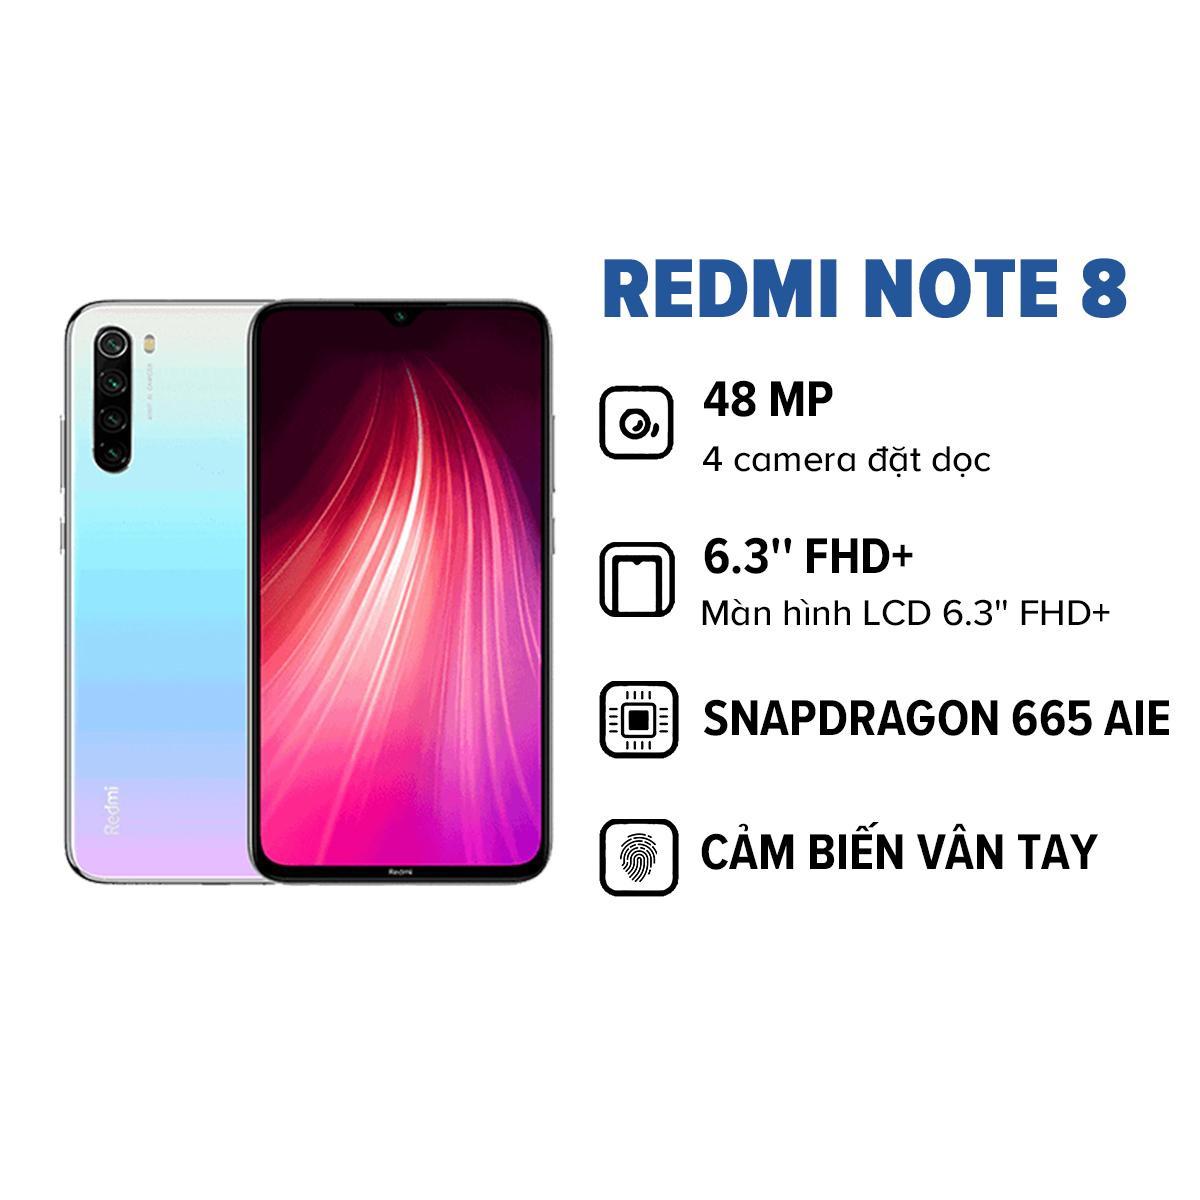 TRẢ GÓP 0% - BẢO HÀNH CHÍNH HÃNG 18 THÁNG   Điện thoại Xiaomi Redmi Note 8 (3GB/32GB), cảm biến vân tay, 4 camera đặt dọc 48MP, kính cường lực Corning Gorilla Glass 5, màn hình LCD 6.3'' FHD